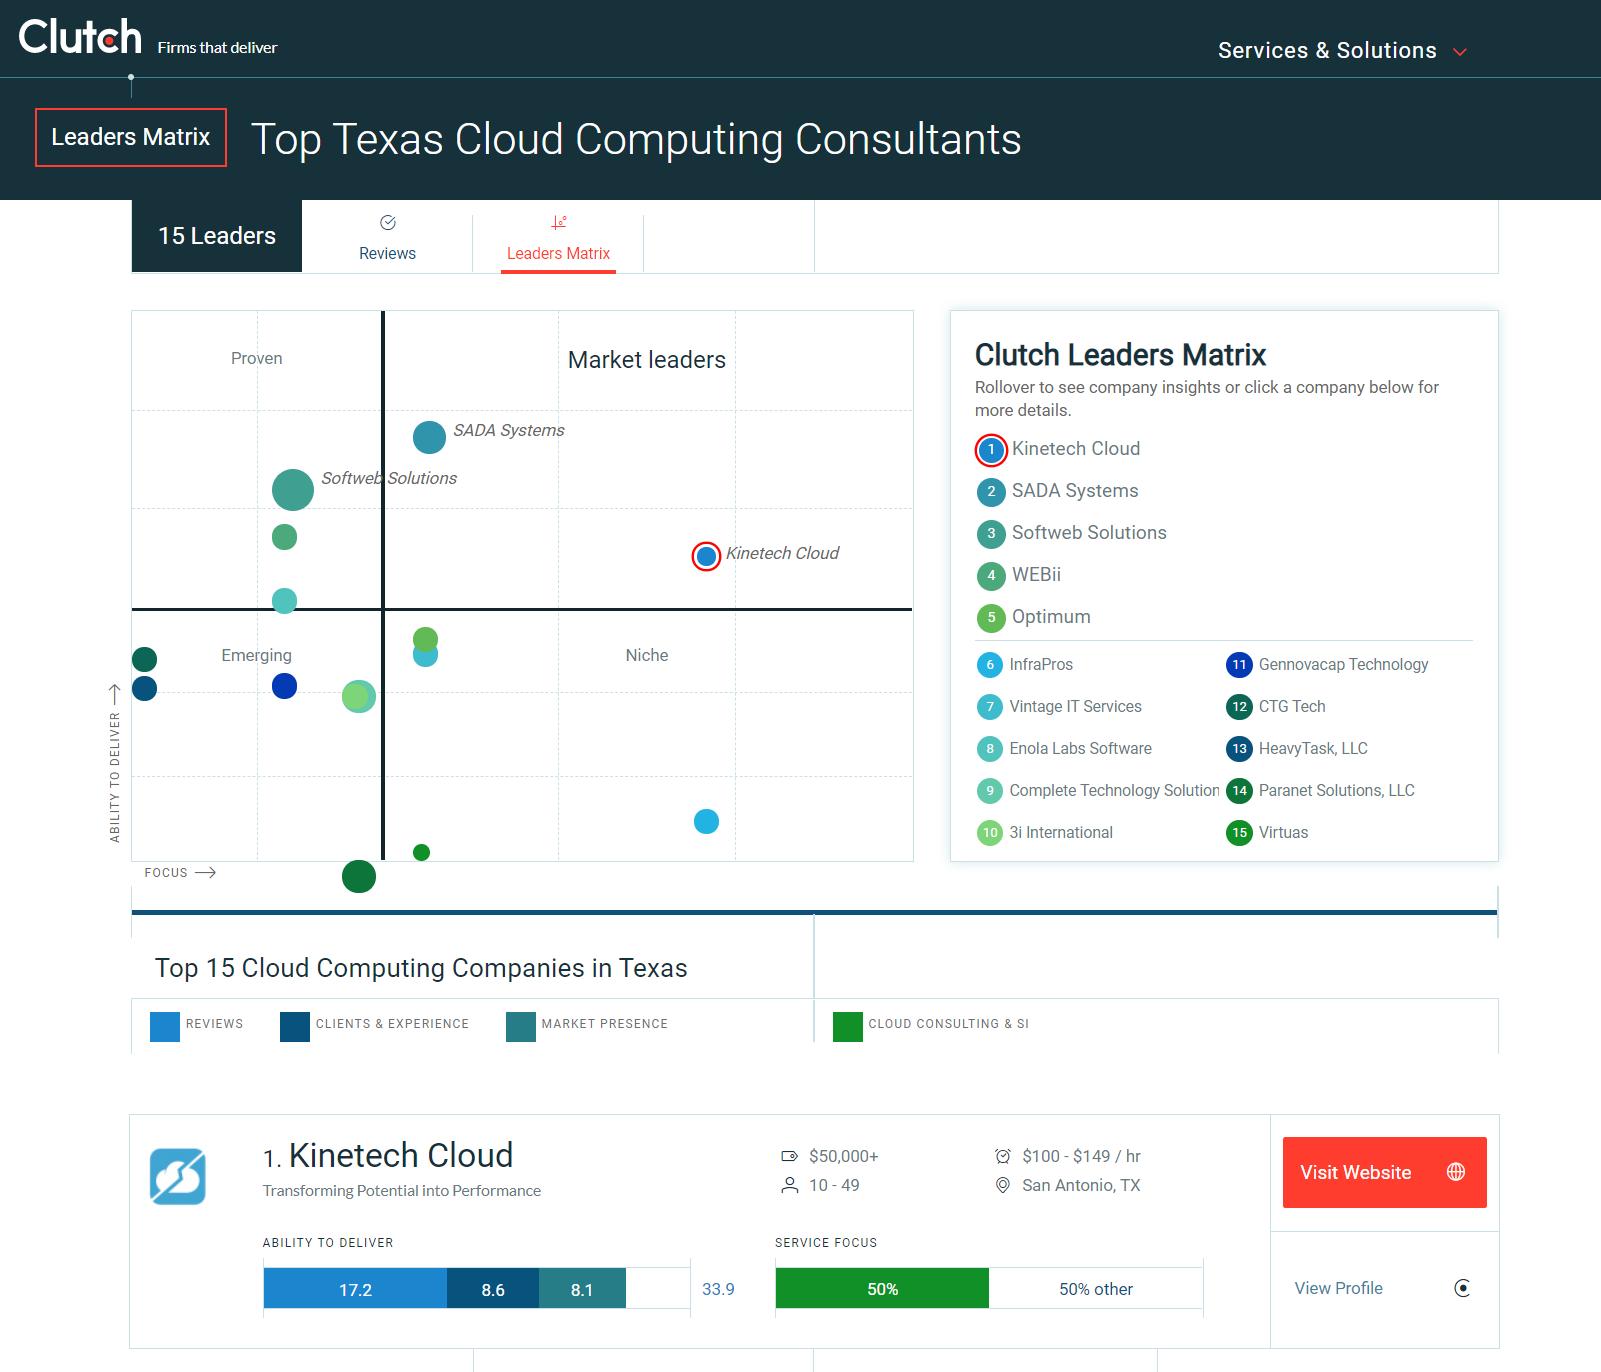 Kinetech-1 Cloud Consultant